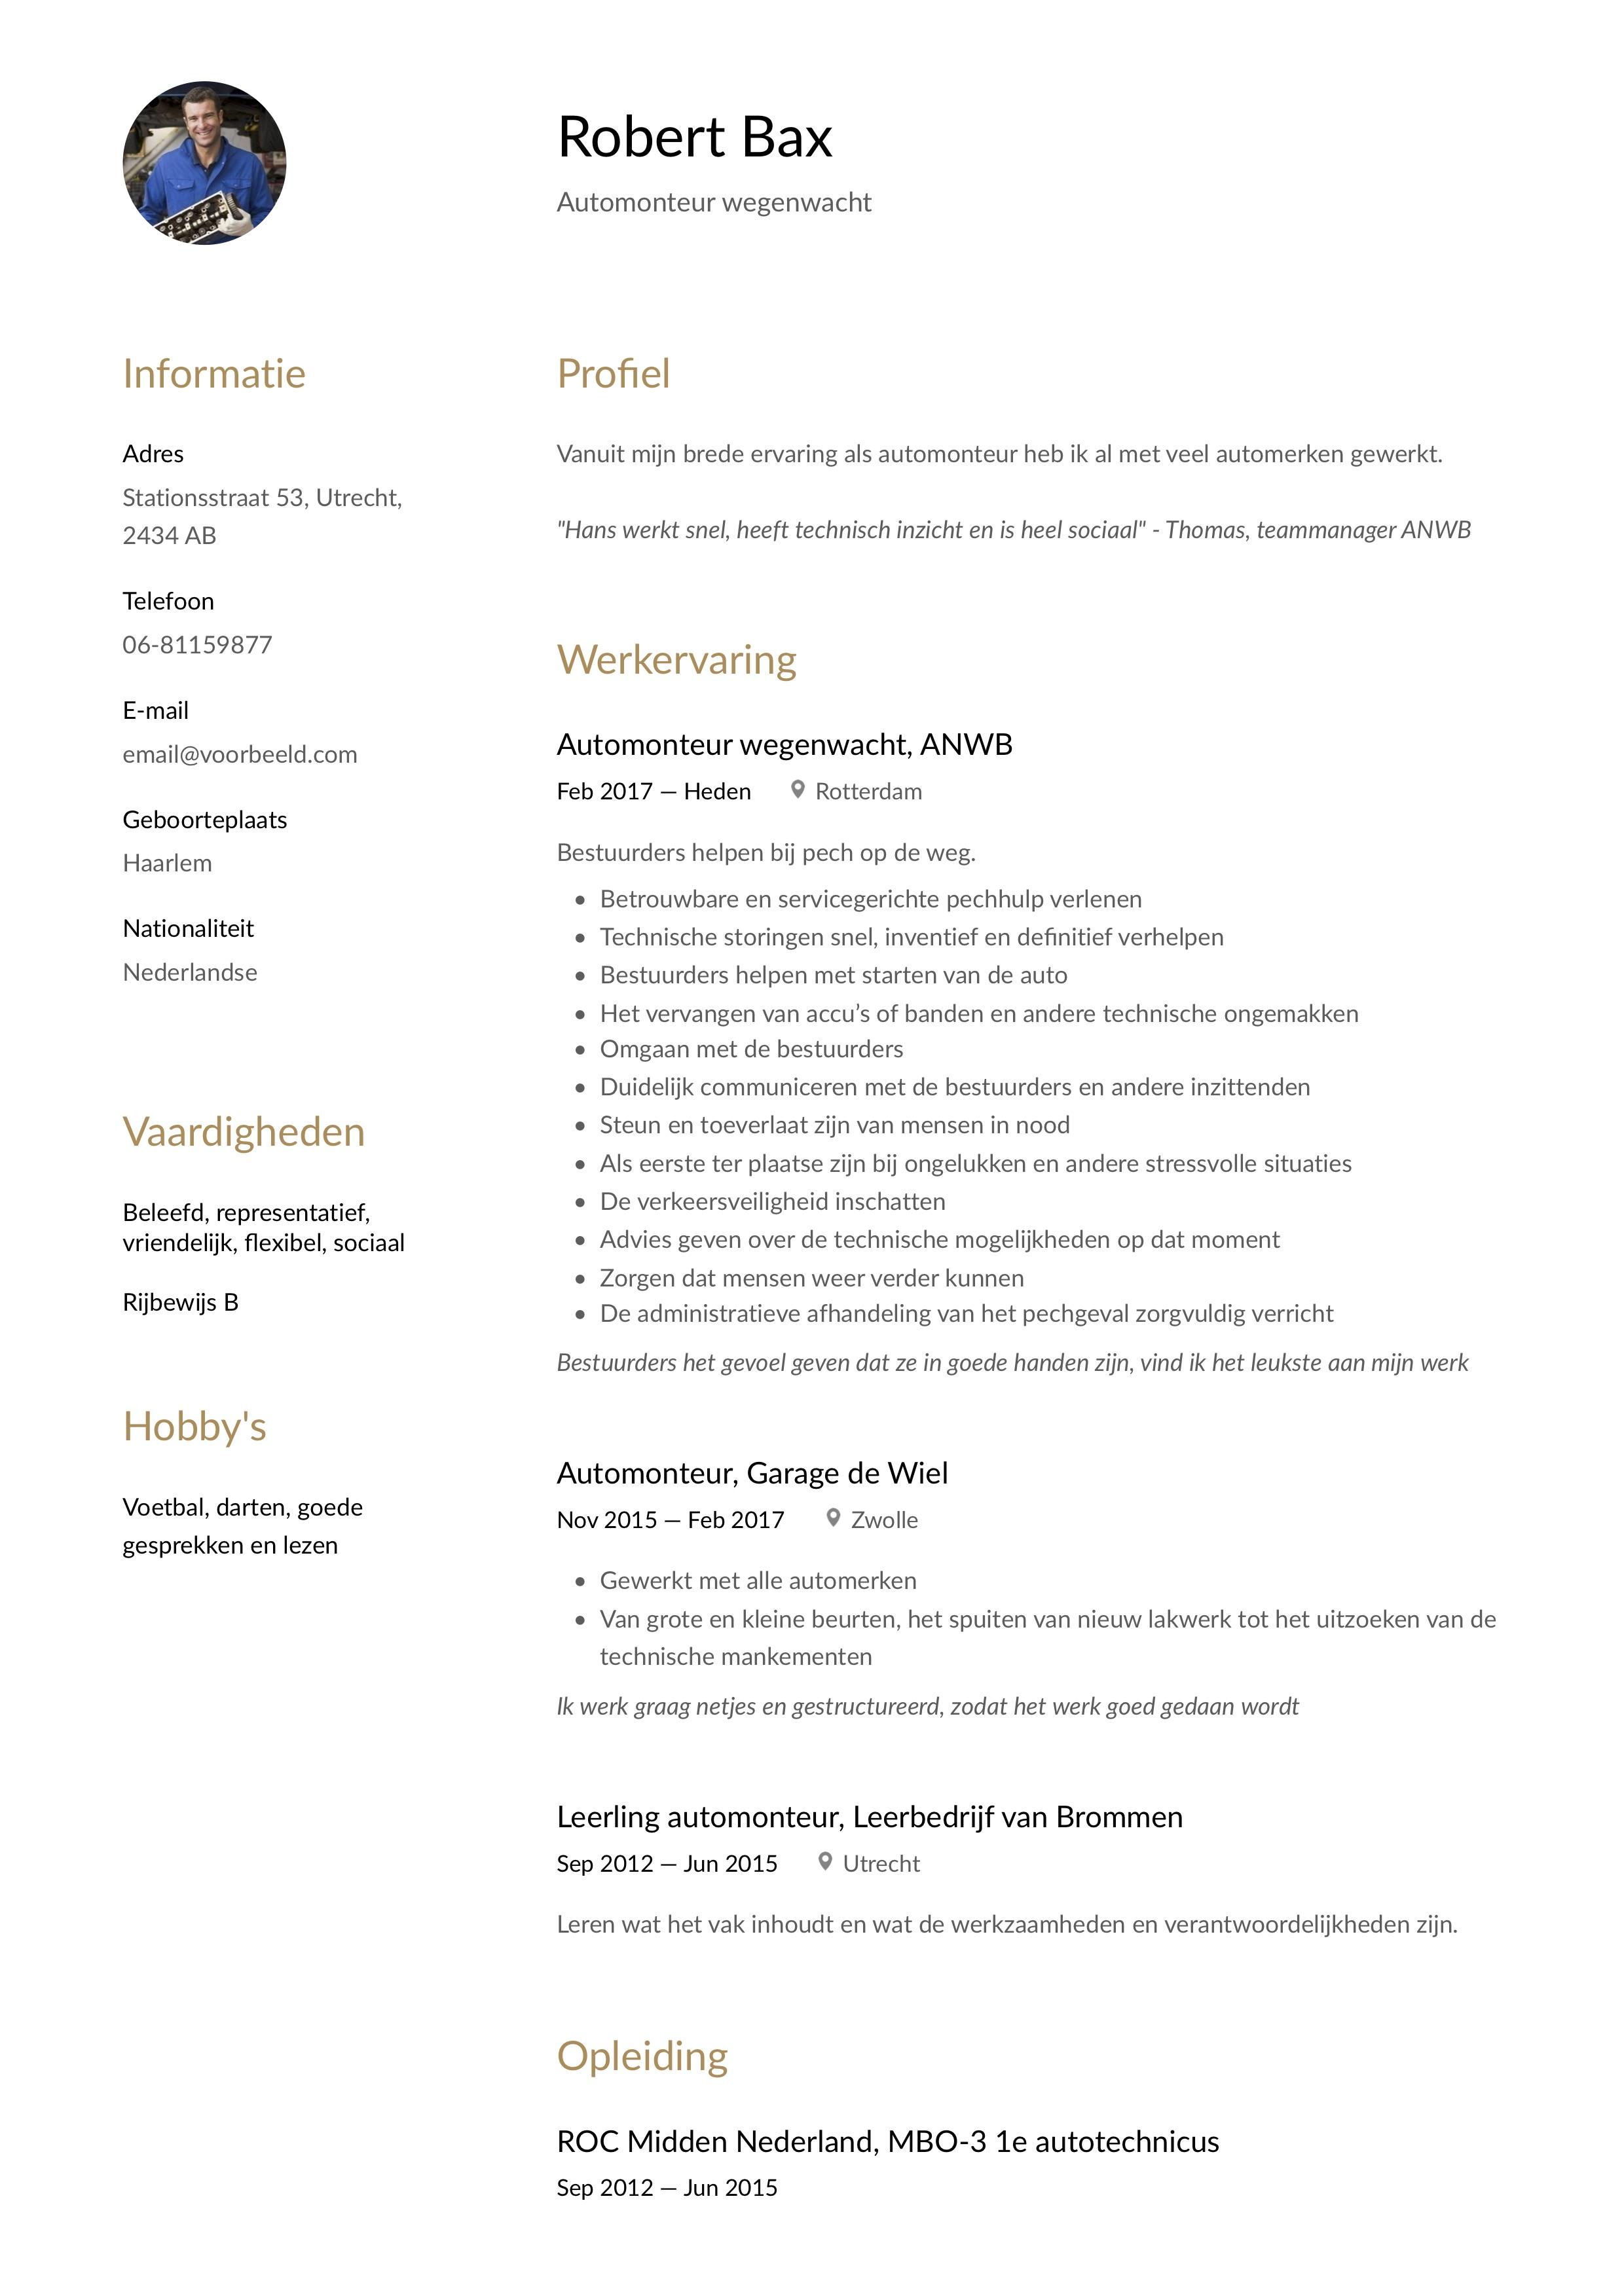 CV Voorbeeld Automonteur wegenwacht